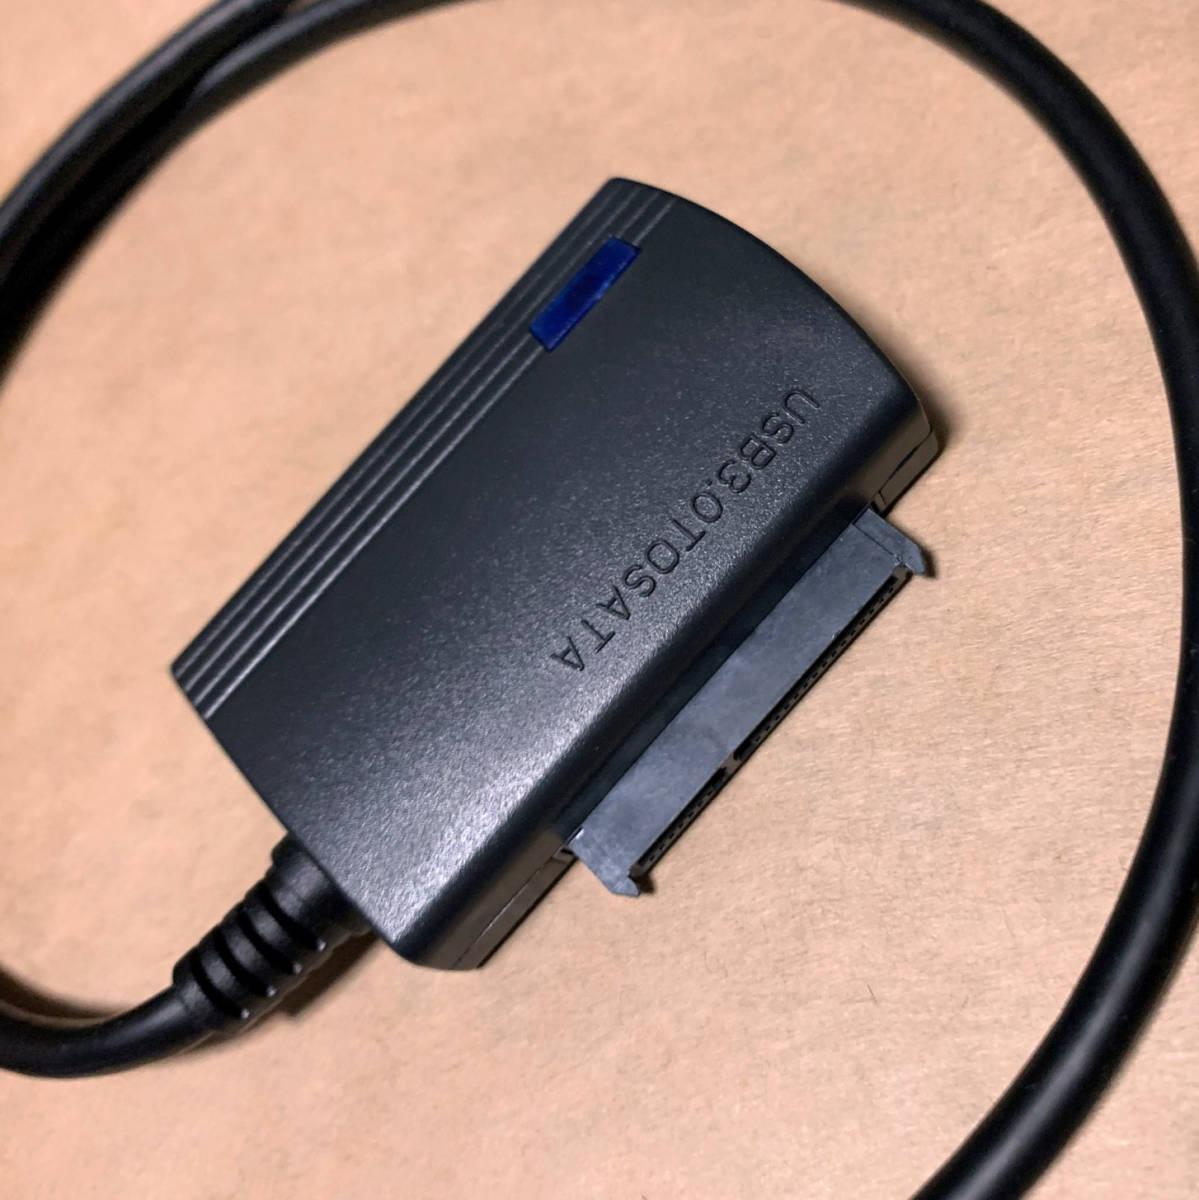 サンワサプライ SATA-USB3.0 変換ケーブル 1回のみ使用 美品 送料無料 HDD SSD 光学式ドライブ ケーブル長 0.8m USB-CVIDE3 2.5 3.5 対応